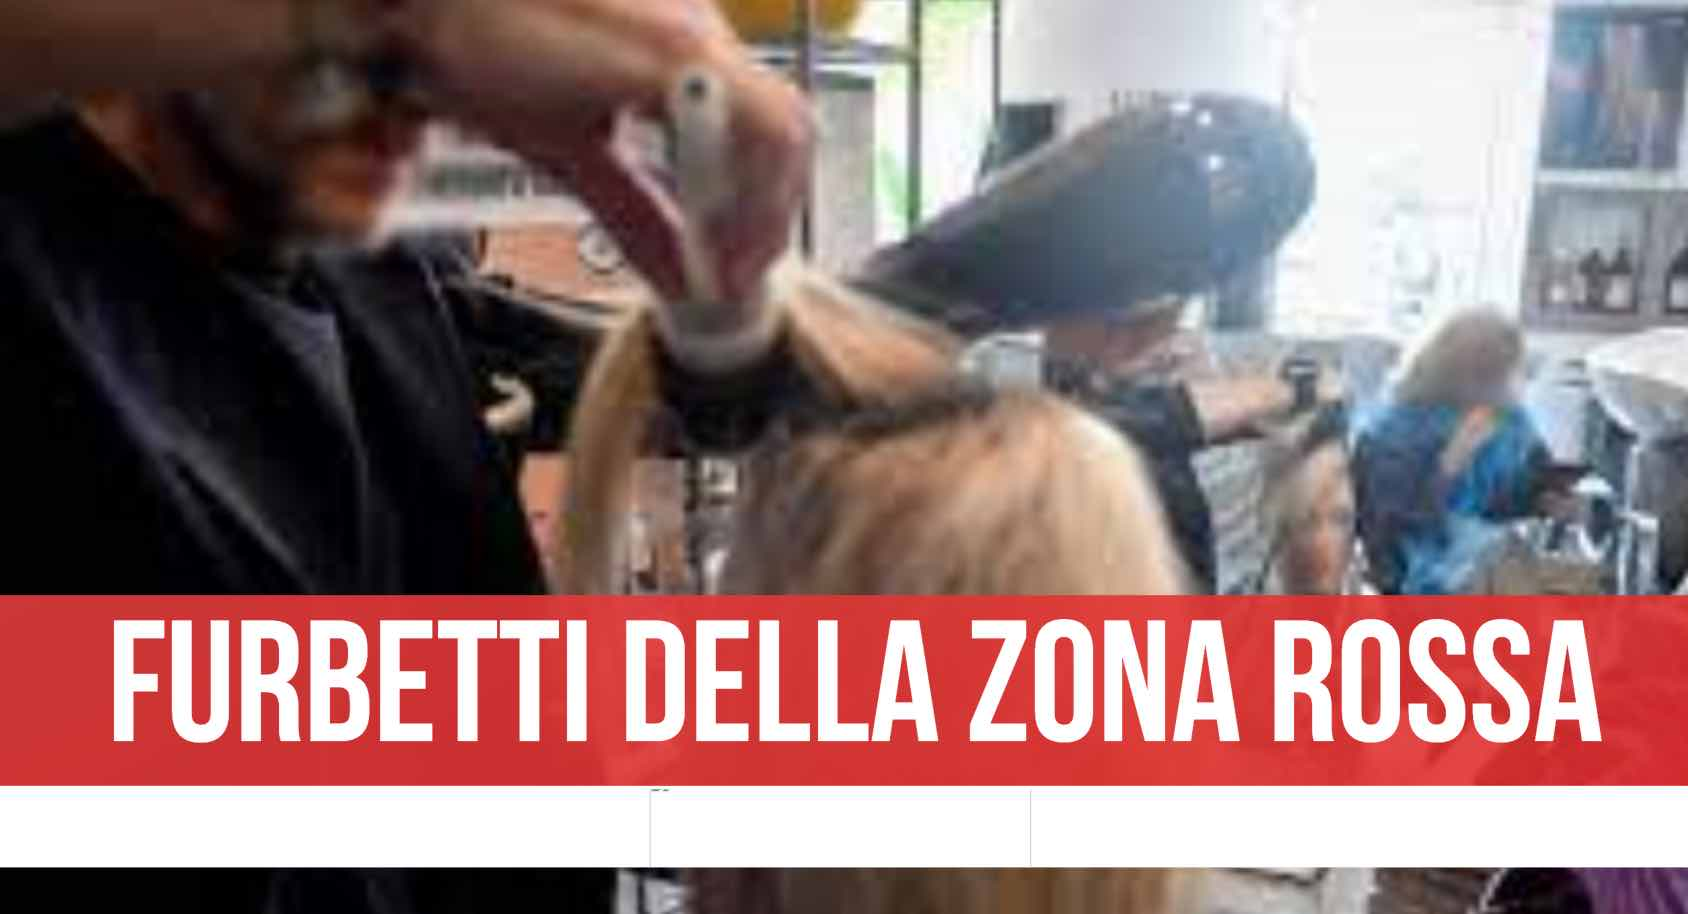 parrucchiere chiuso polizia